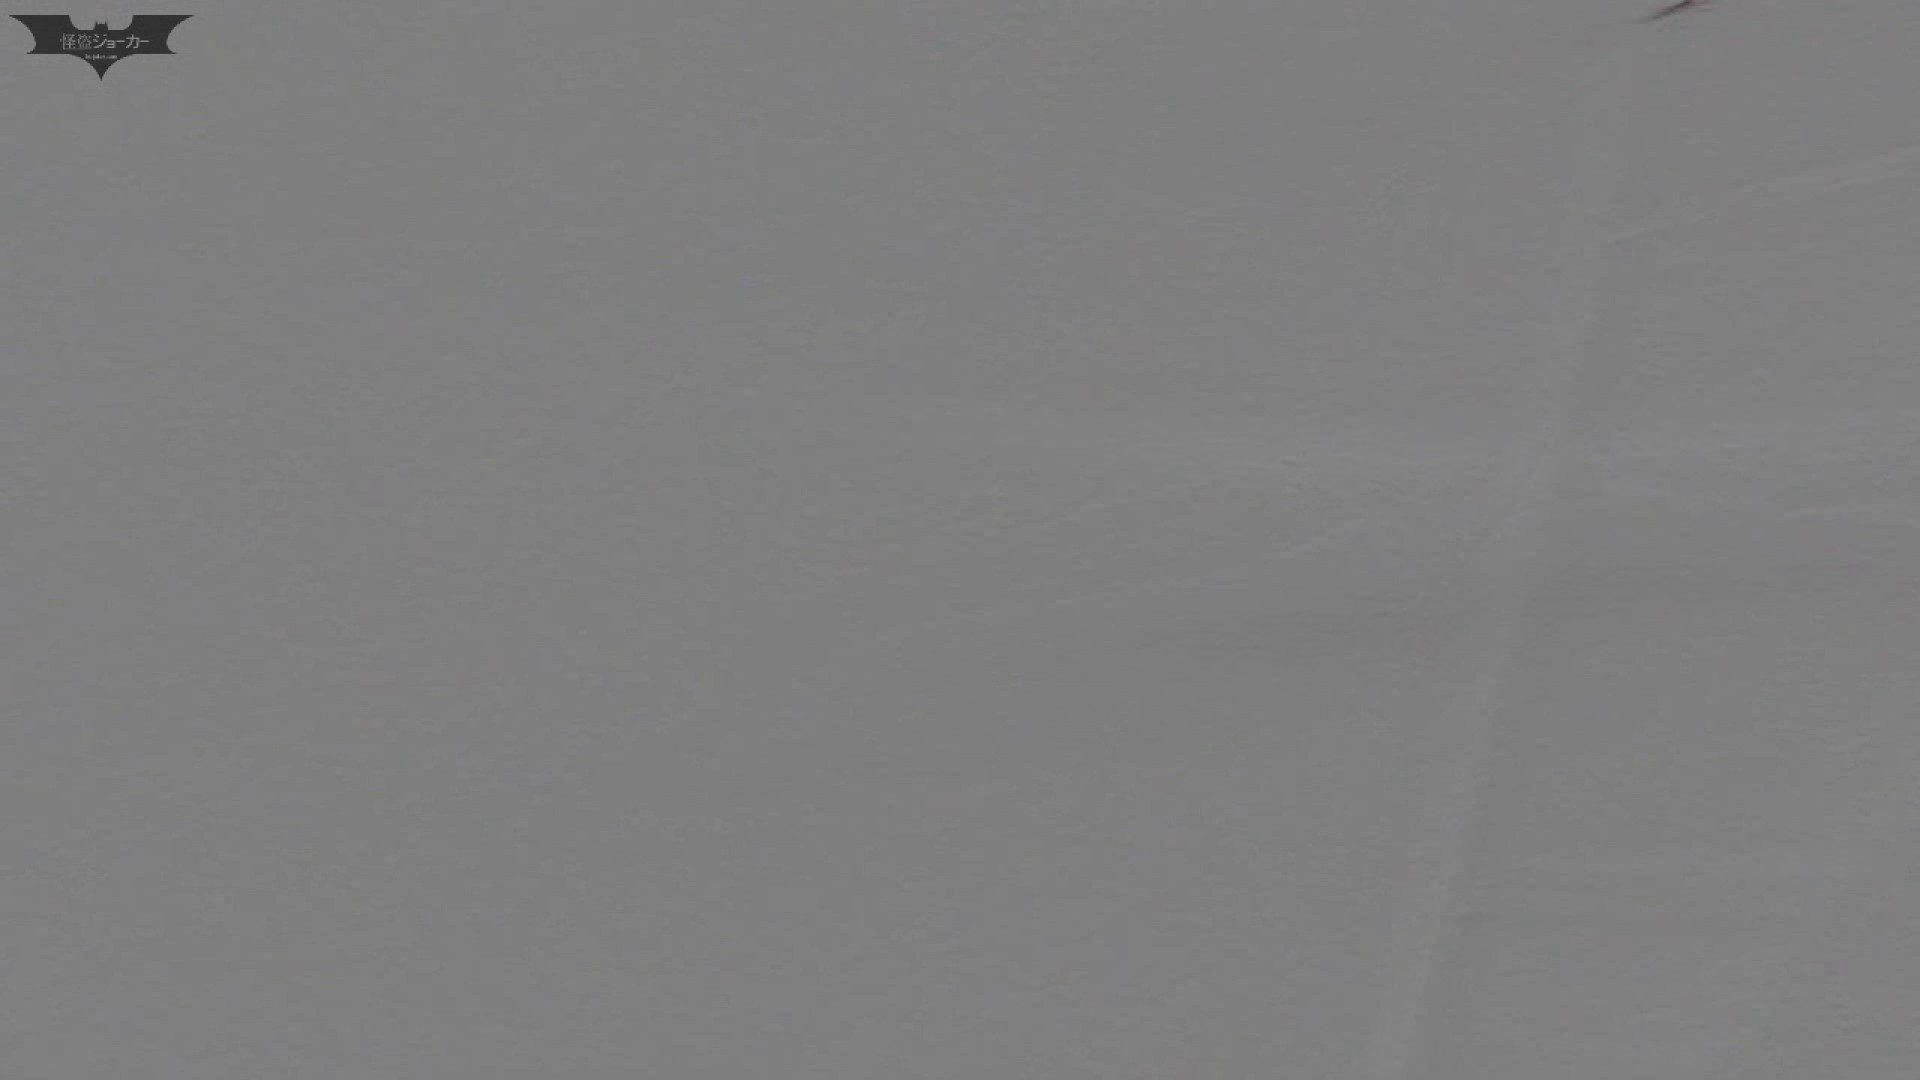 【期間・個数限定配信】 マンコ丸見え!第三体育館潜入撮File001 丸見え のぞきおめこ無修正画像 94連発 88